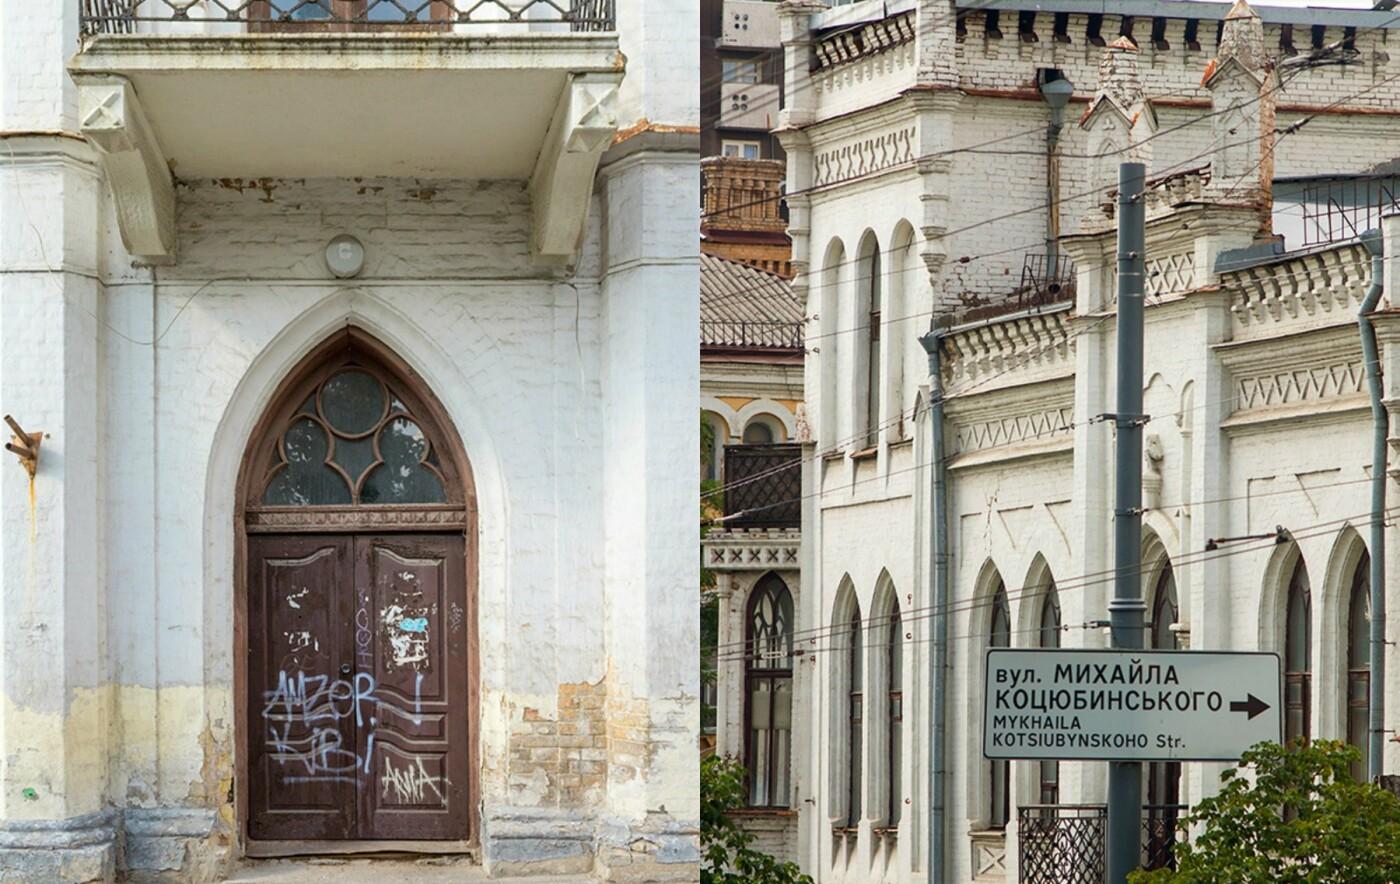 Ретро Киев: ТОП-5 старинных домов столицы, которые потрясают своей красотой, фото-4